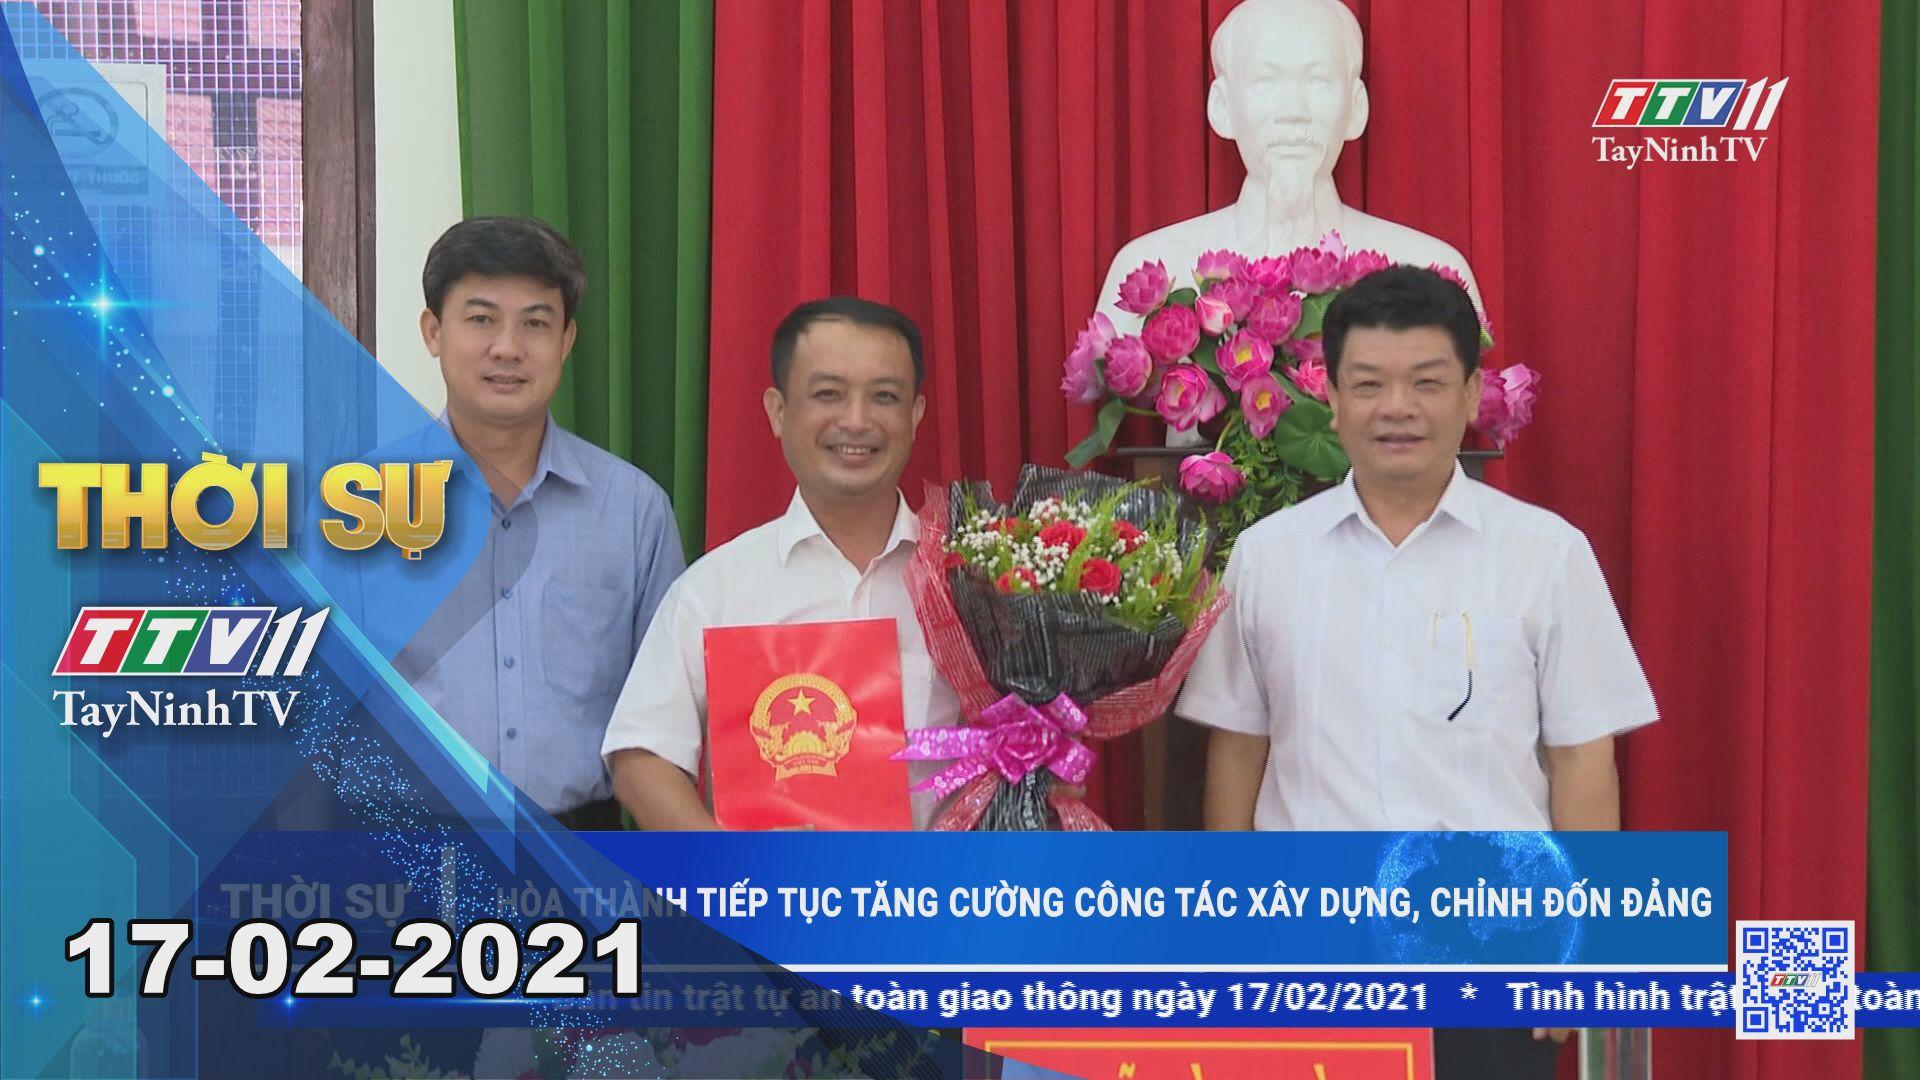 Thời sự Tây Ninh 17-02-2021   Tin tức hôm nay   TayNinhTV